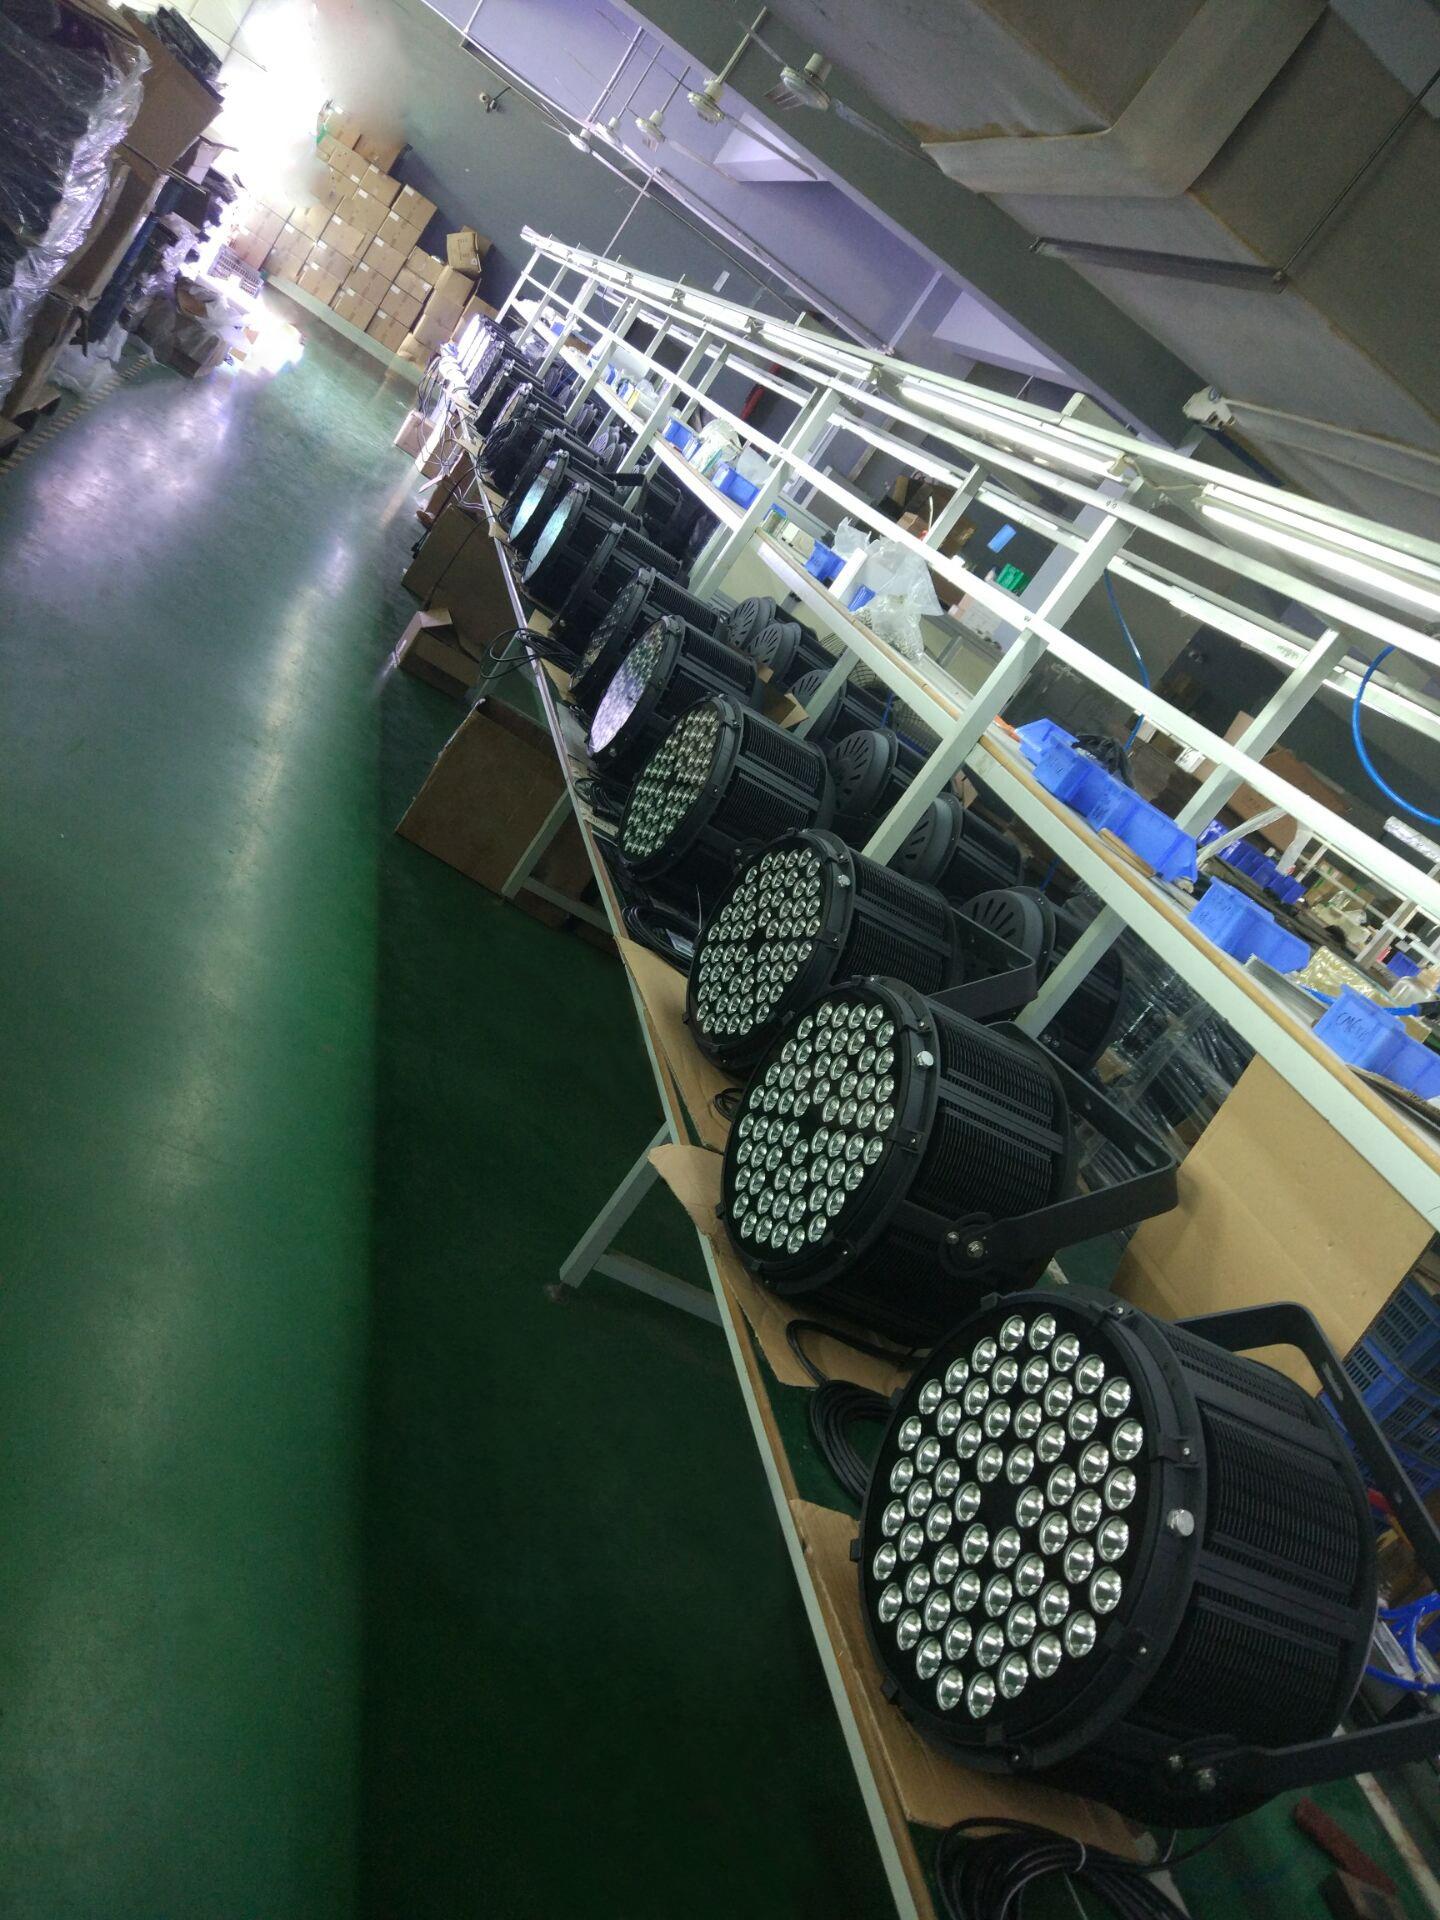 Amazonas 500watt factory production photos-3